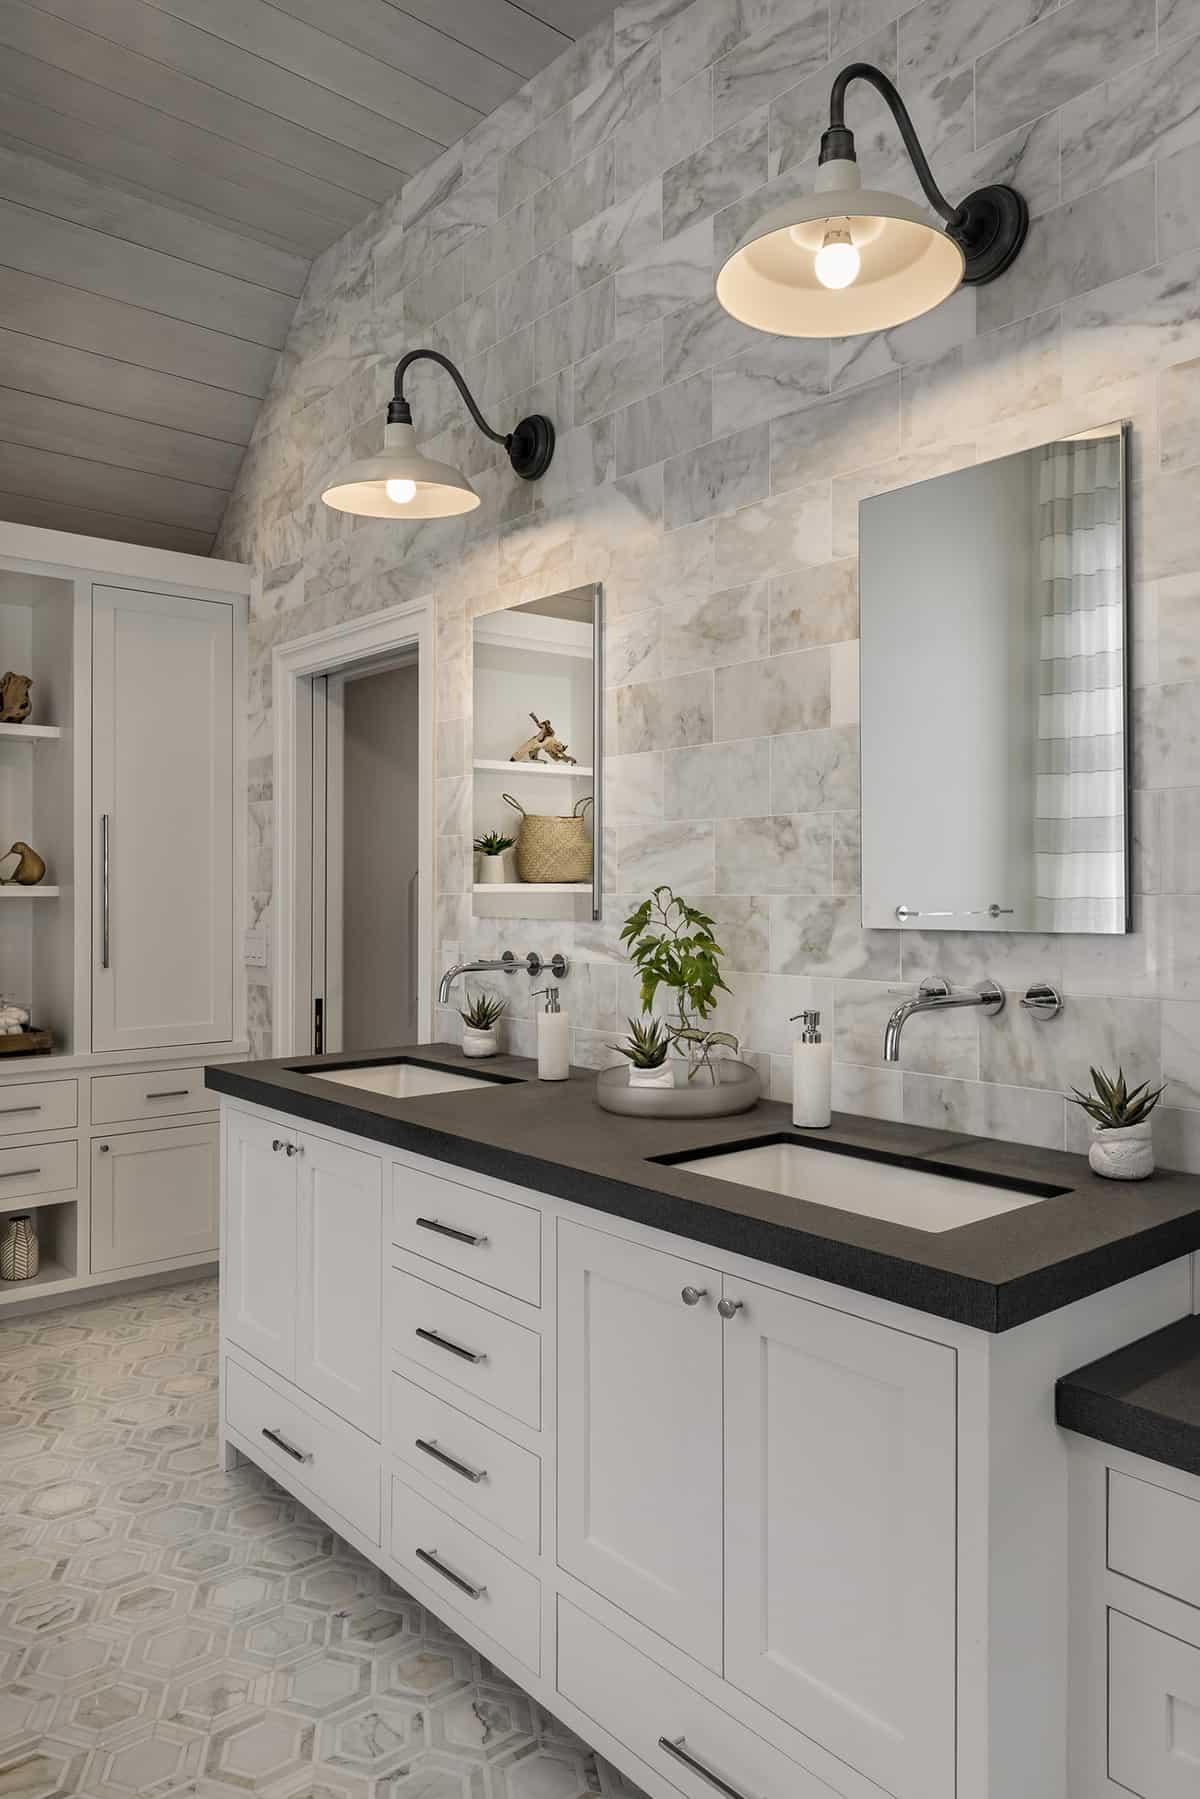 interior-renovation-transitional-bathroom